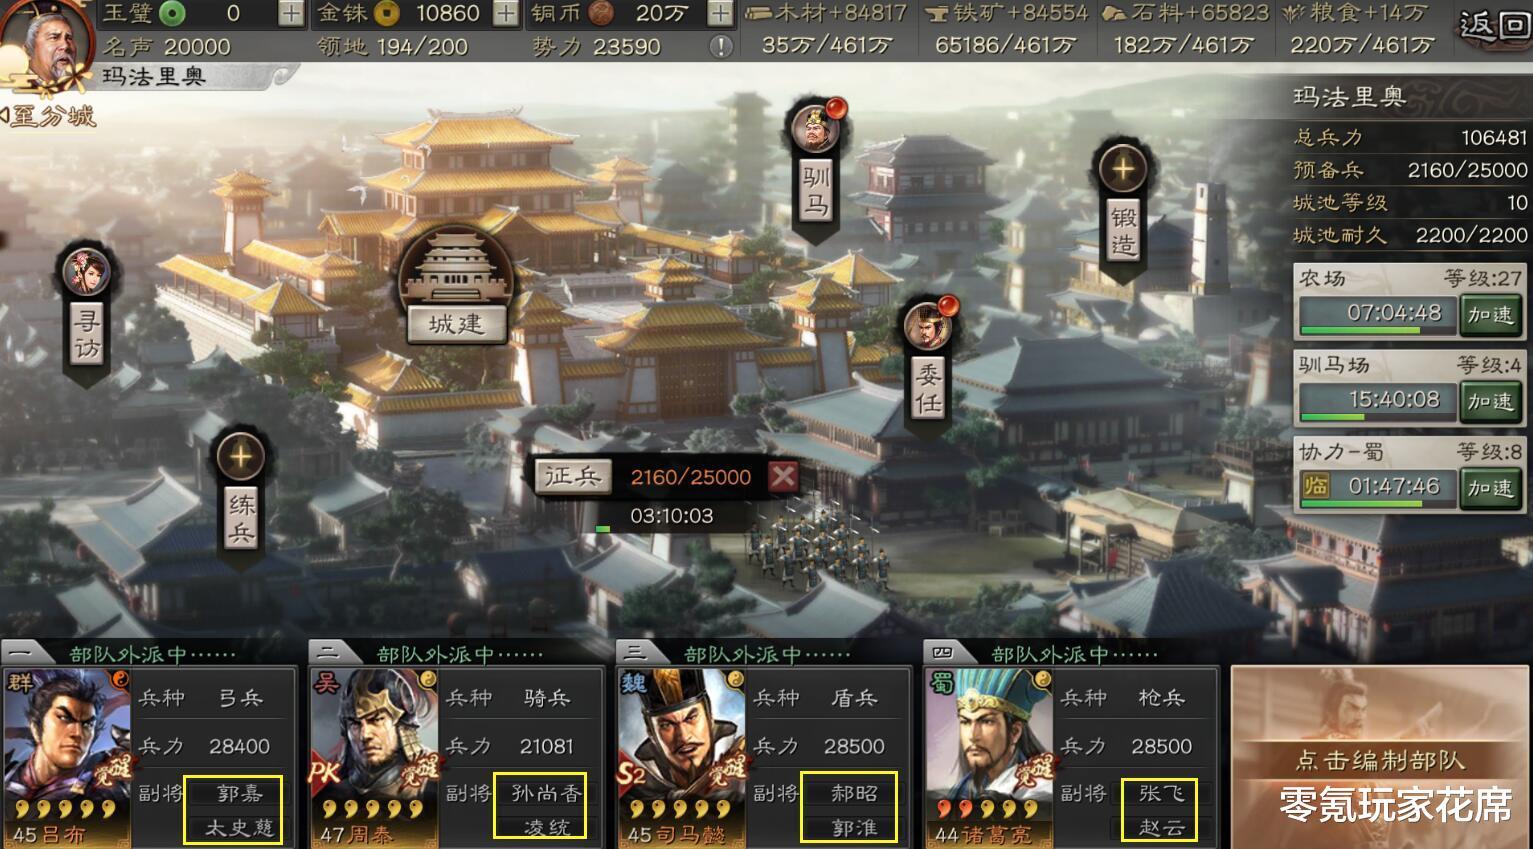 三國志戰略版:沒有藤甲兵、陷陣營的郭淮、司馬懿盾兵這樣玩-圖2